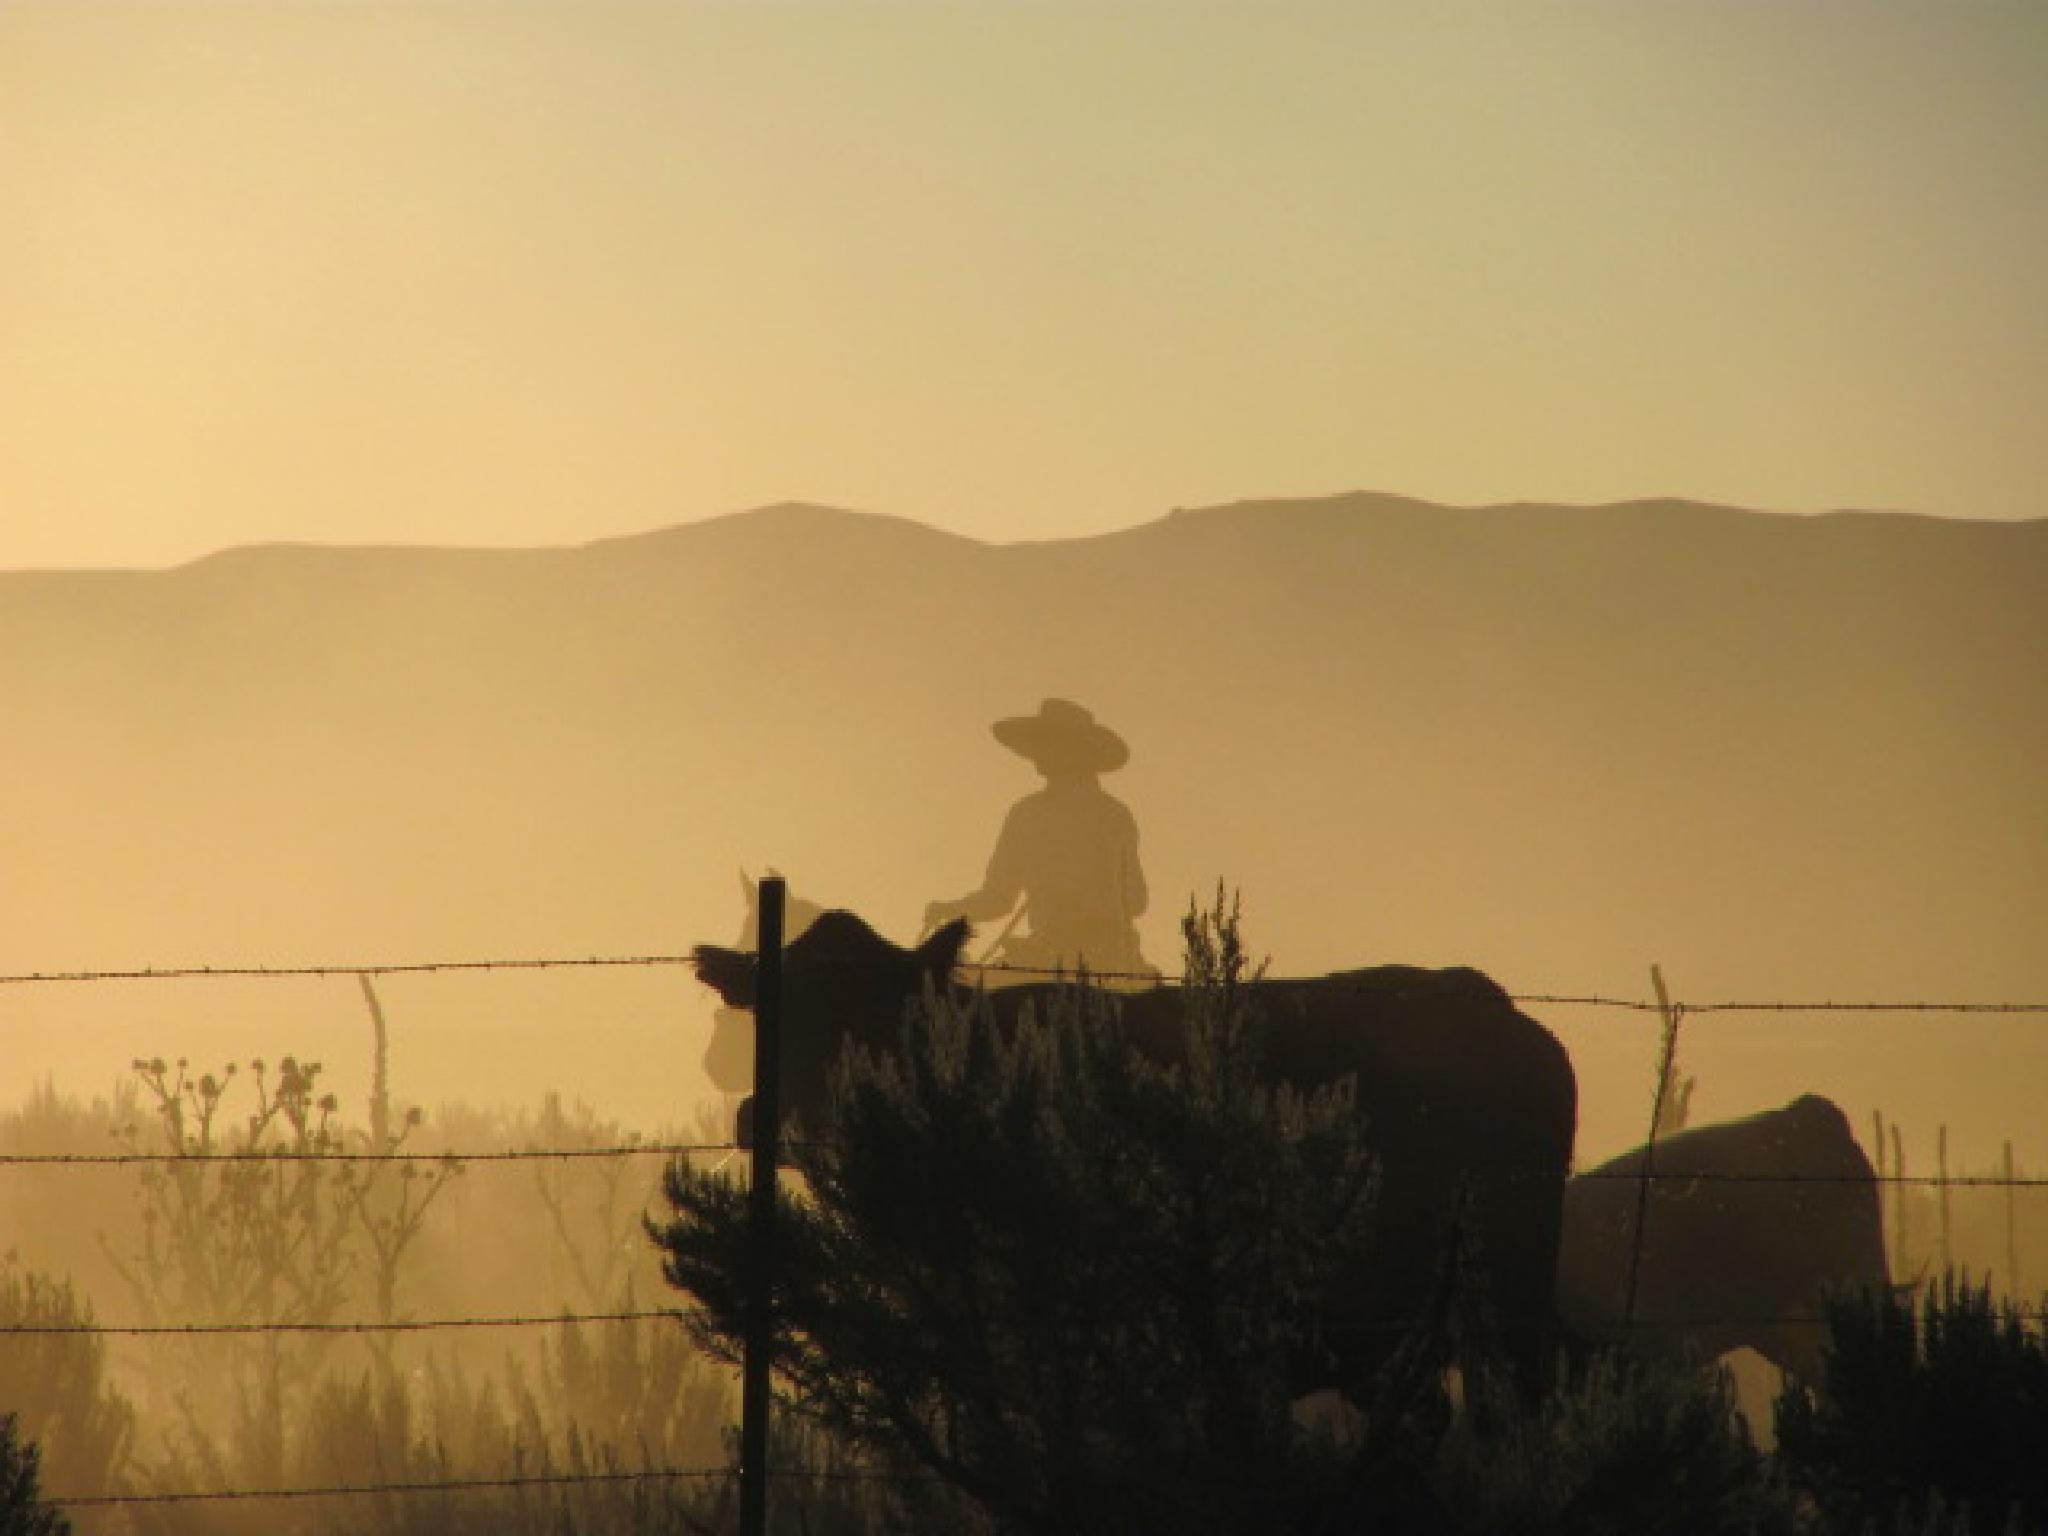 Dusty Mornin' by peteyfoozer1